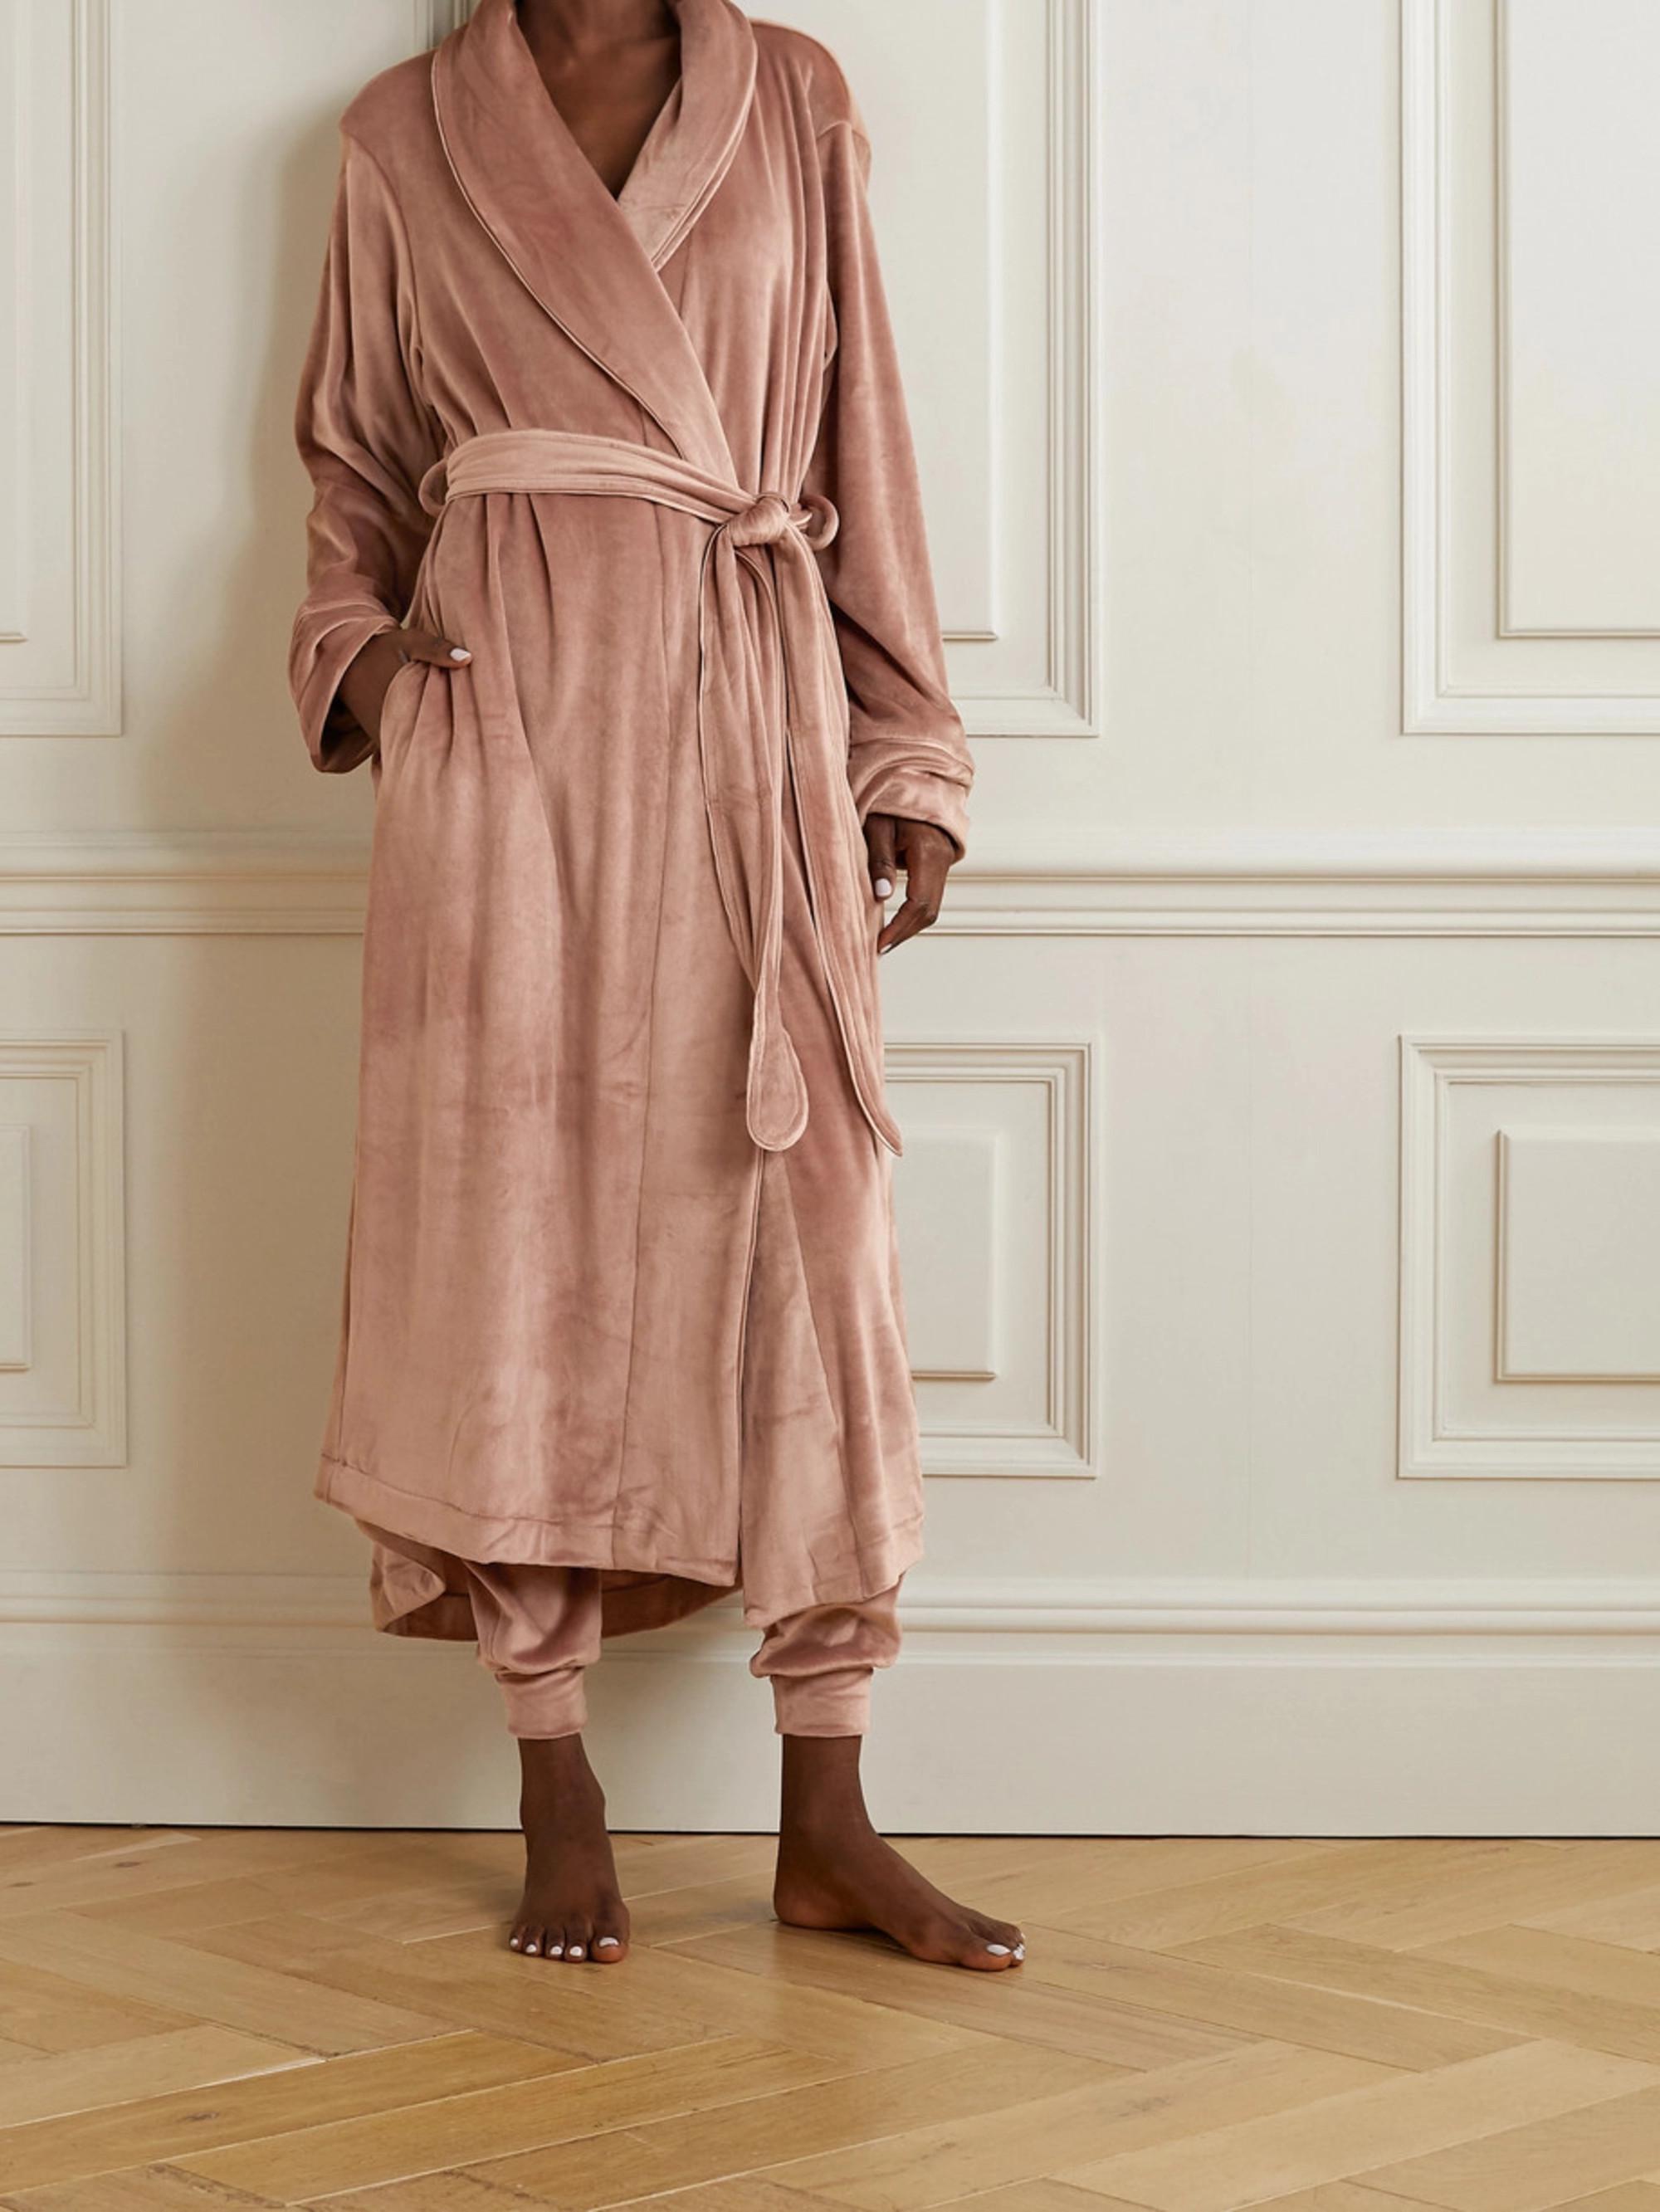 SKIMS Velour robe - Sienna